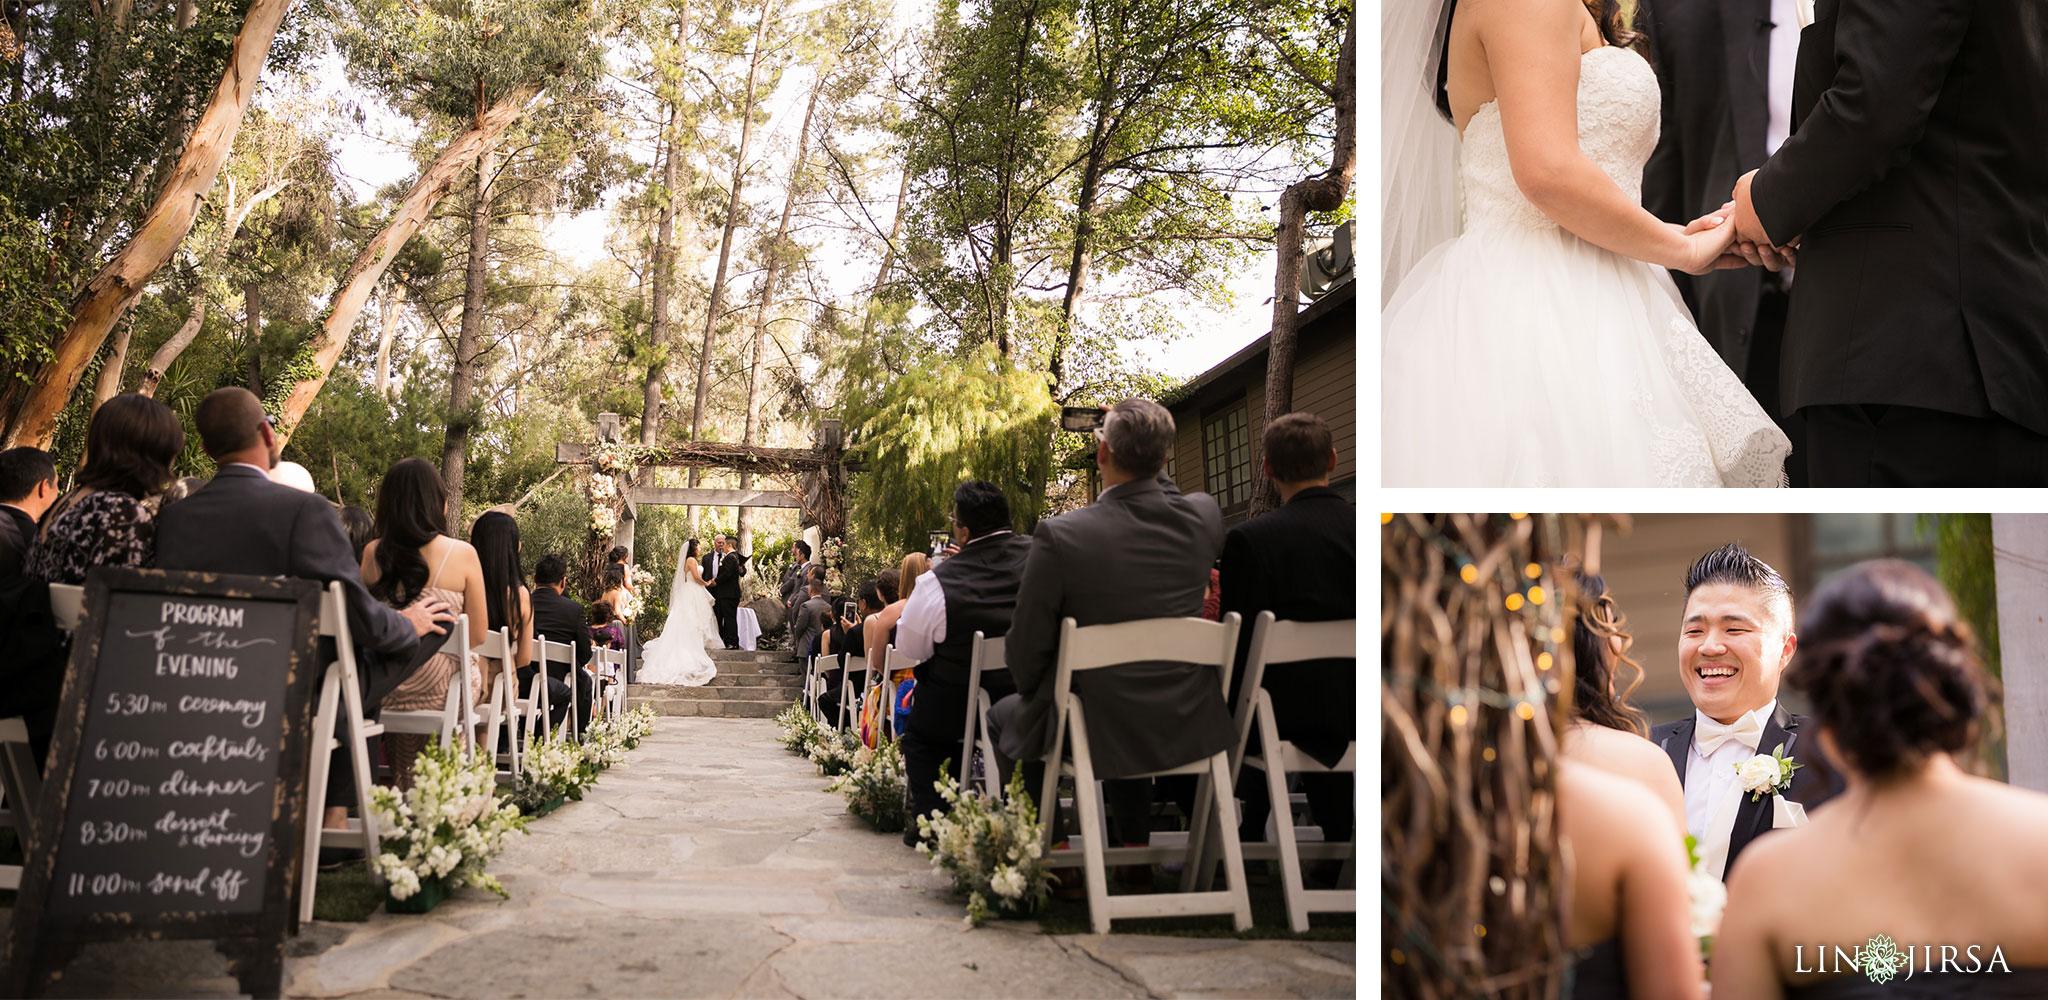 19 calamigos ranch malibu wedding ceremony photography